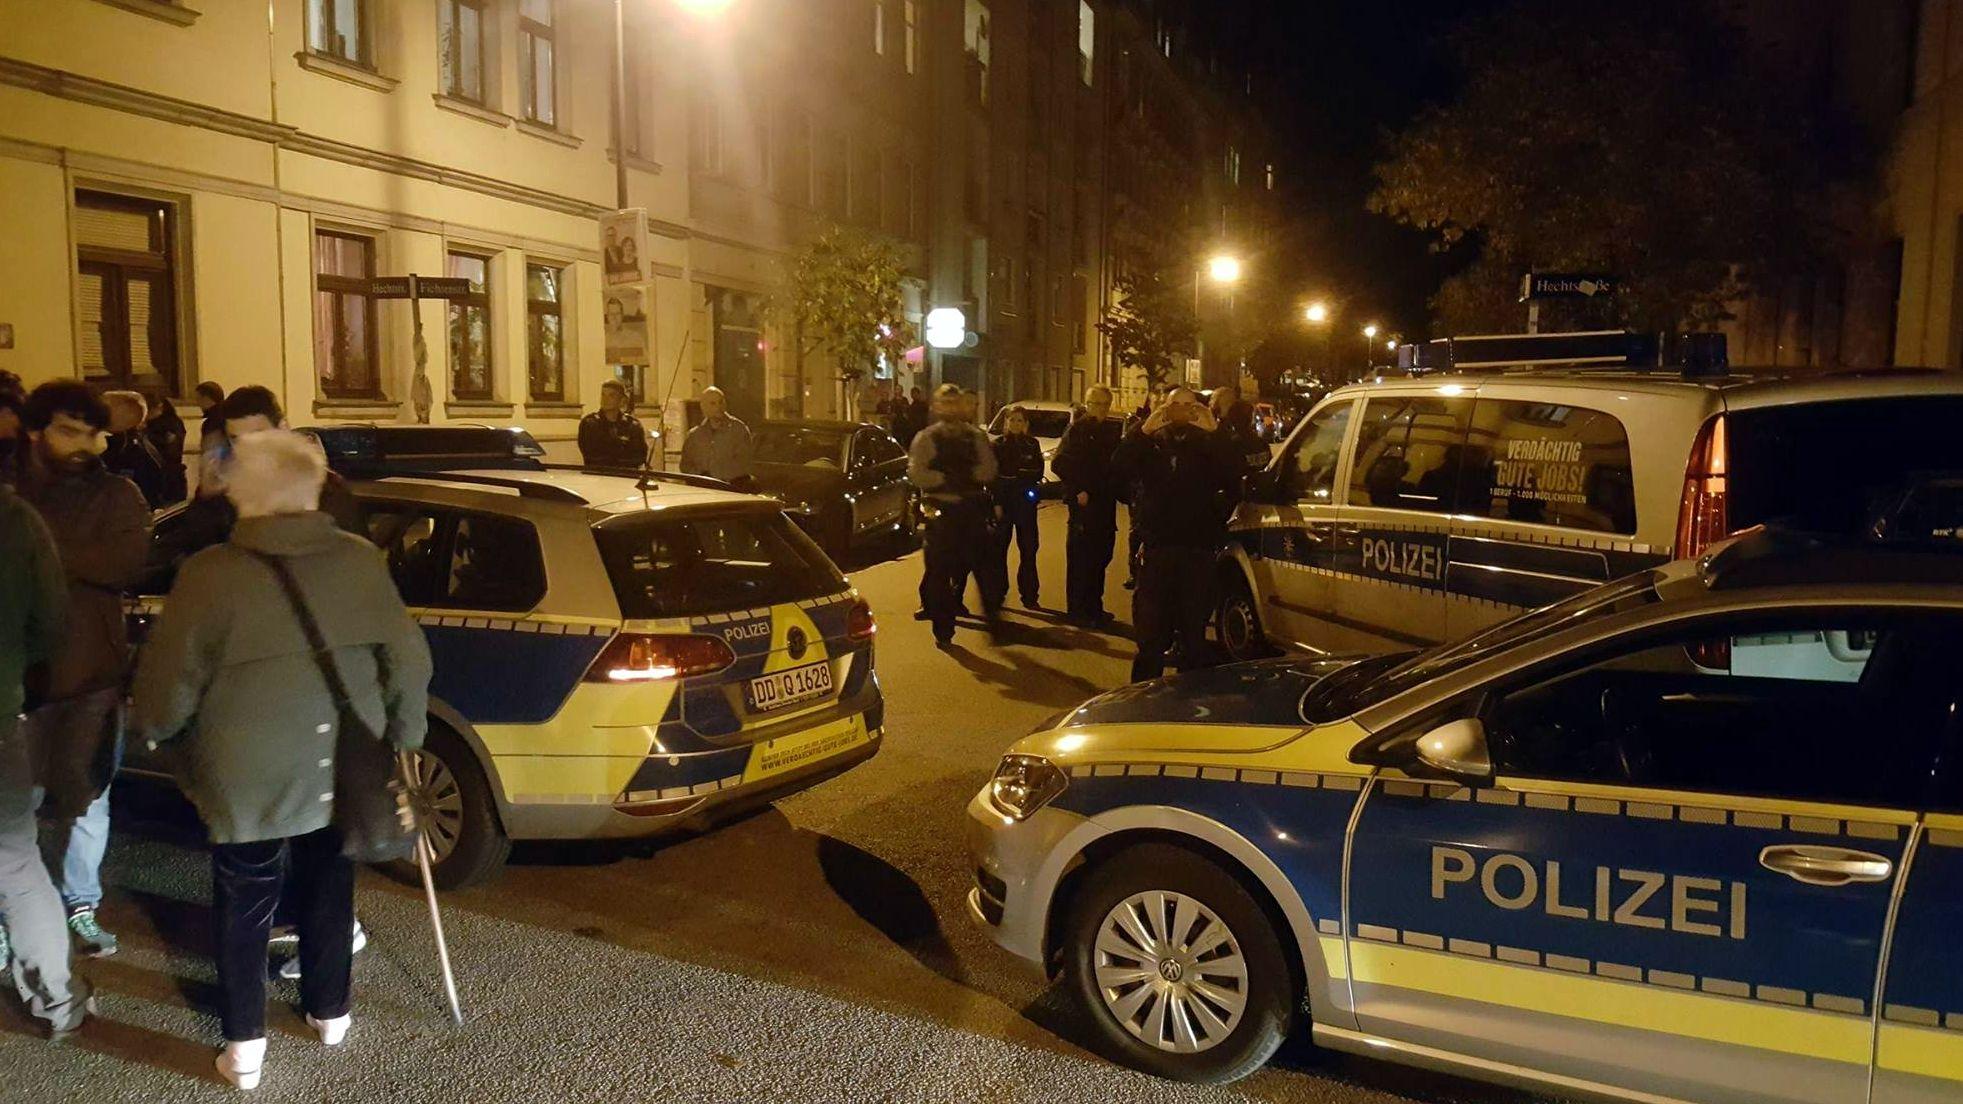 Gestern Abend soll die Polizei eine armenische Familie abgeschoben haben. Foto: AvB